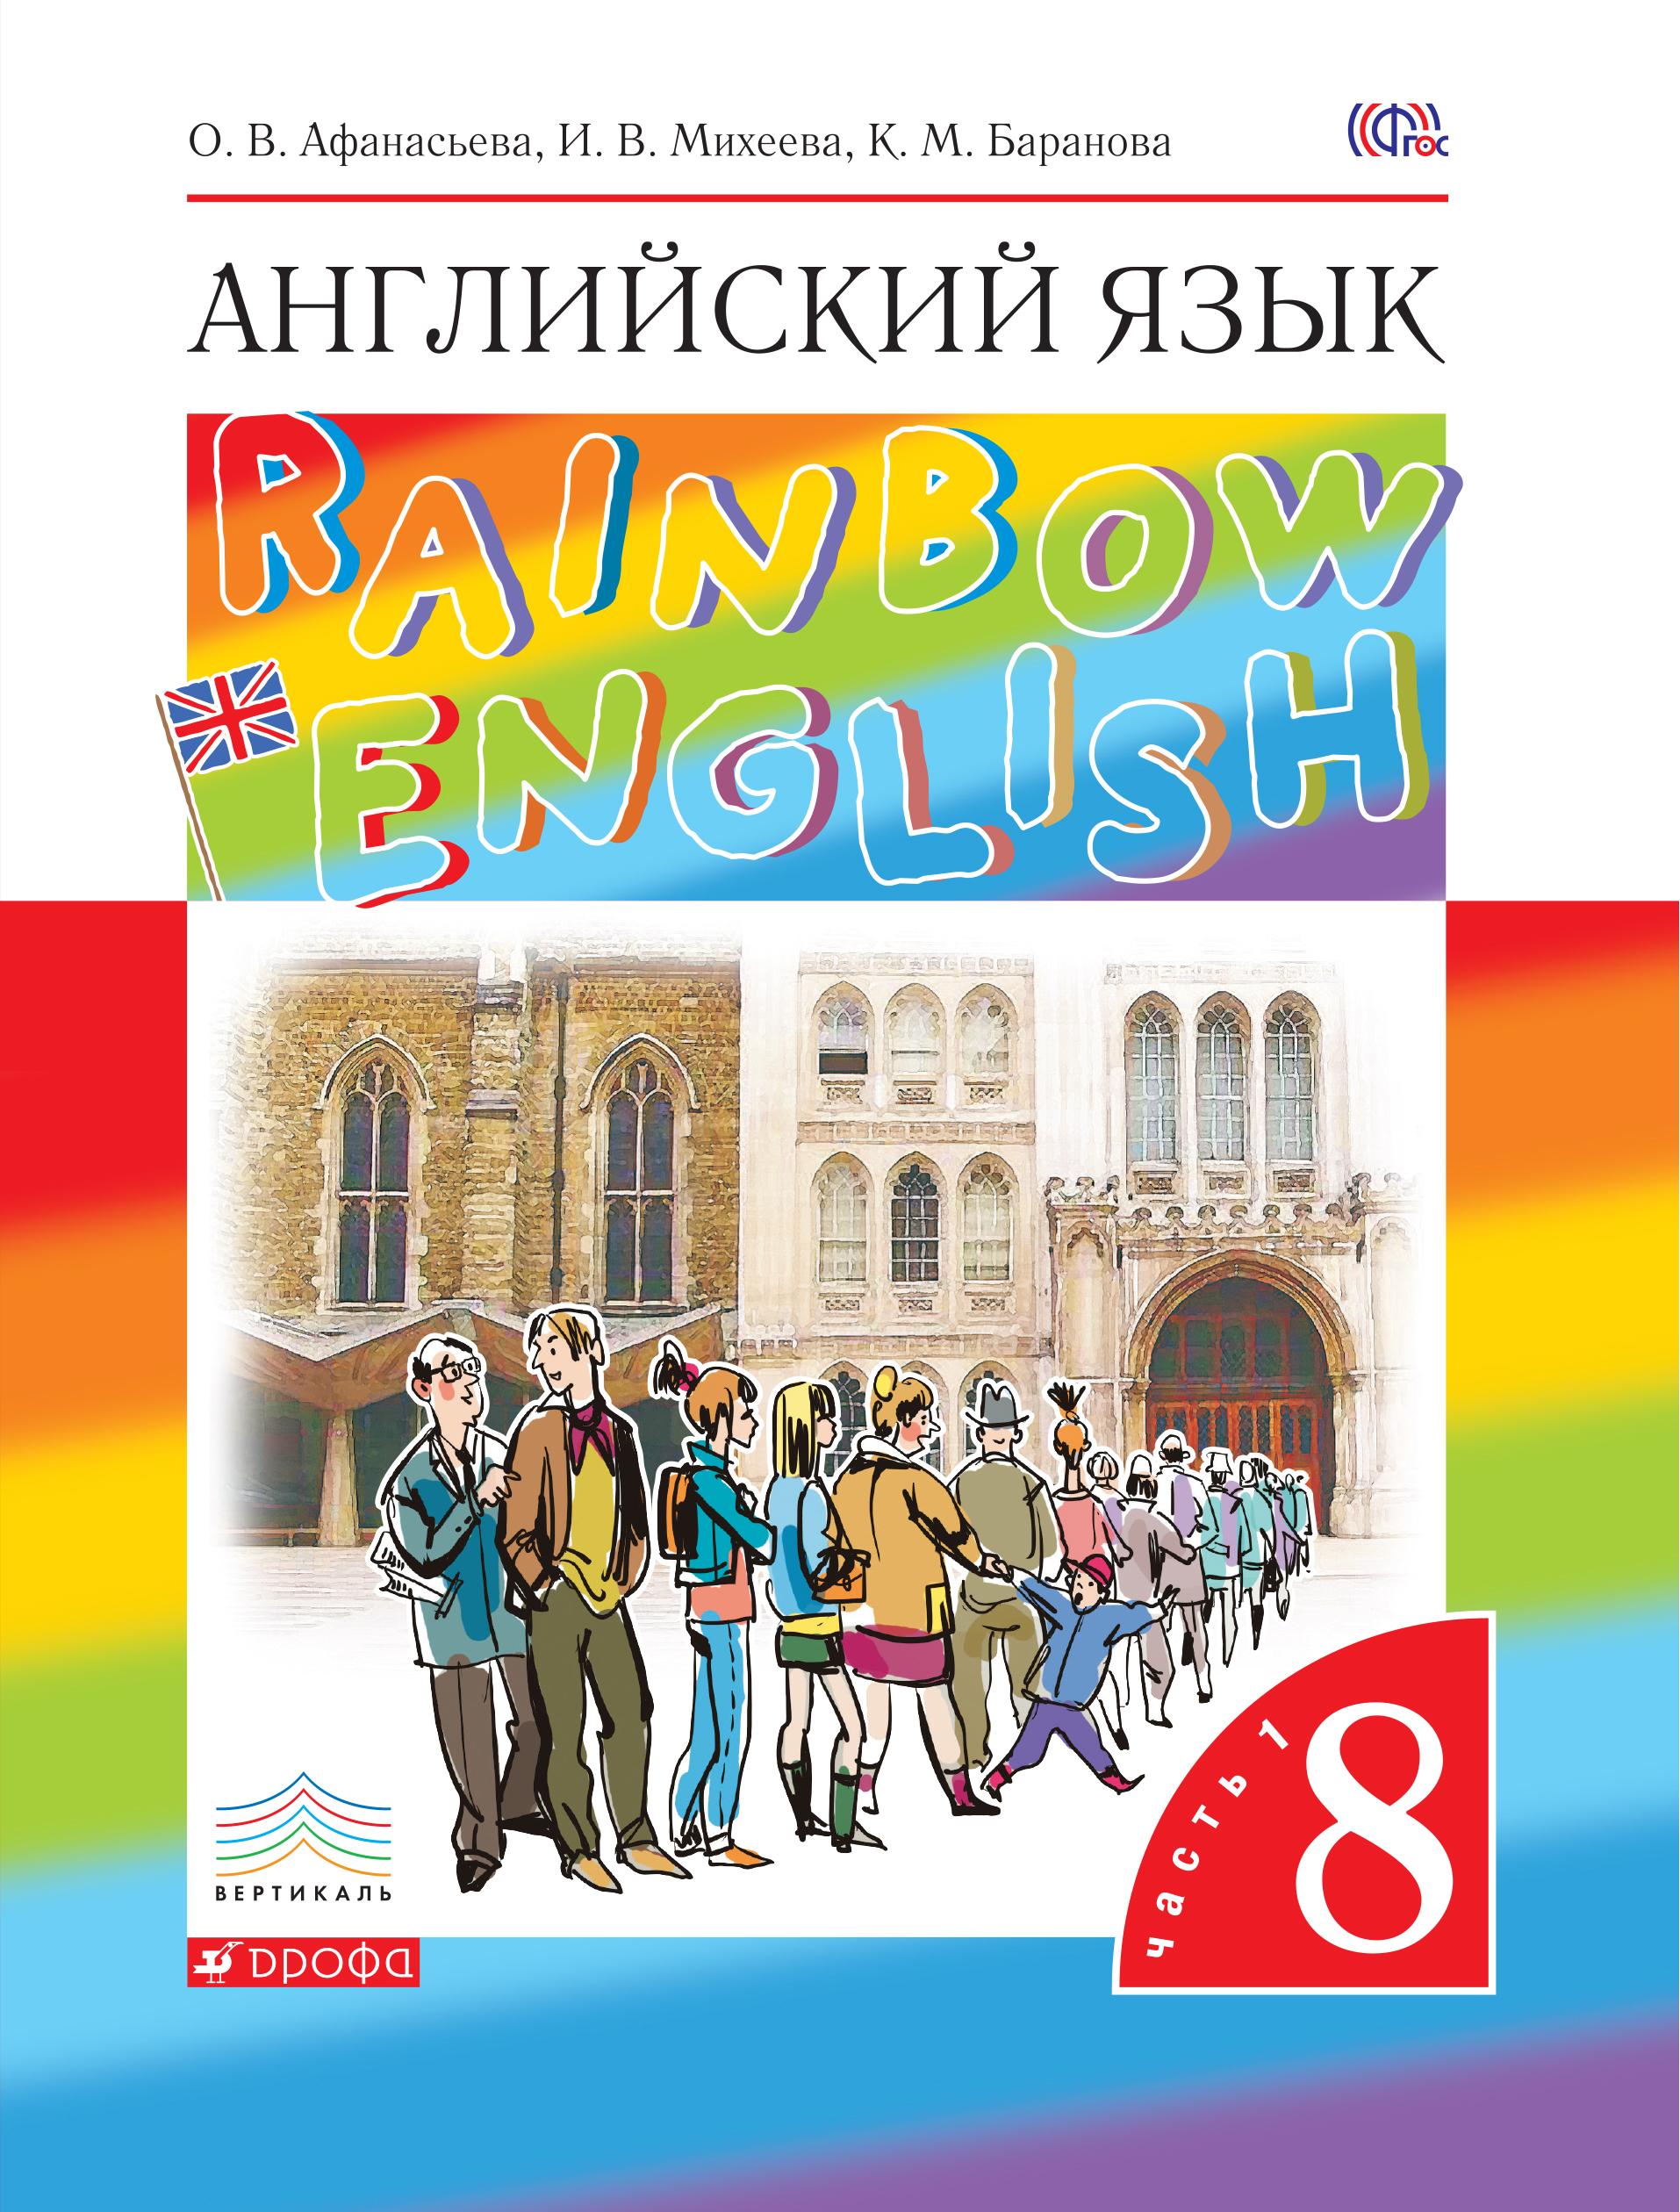 Гдз Английский Язык 7 Класс Афанасьева Михеева 2018 Rainbow